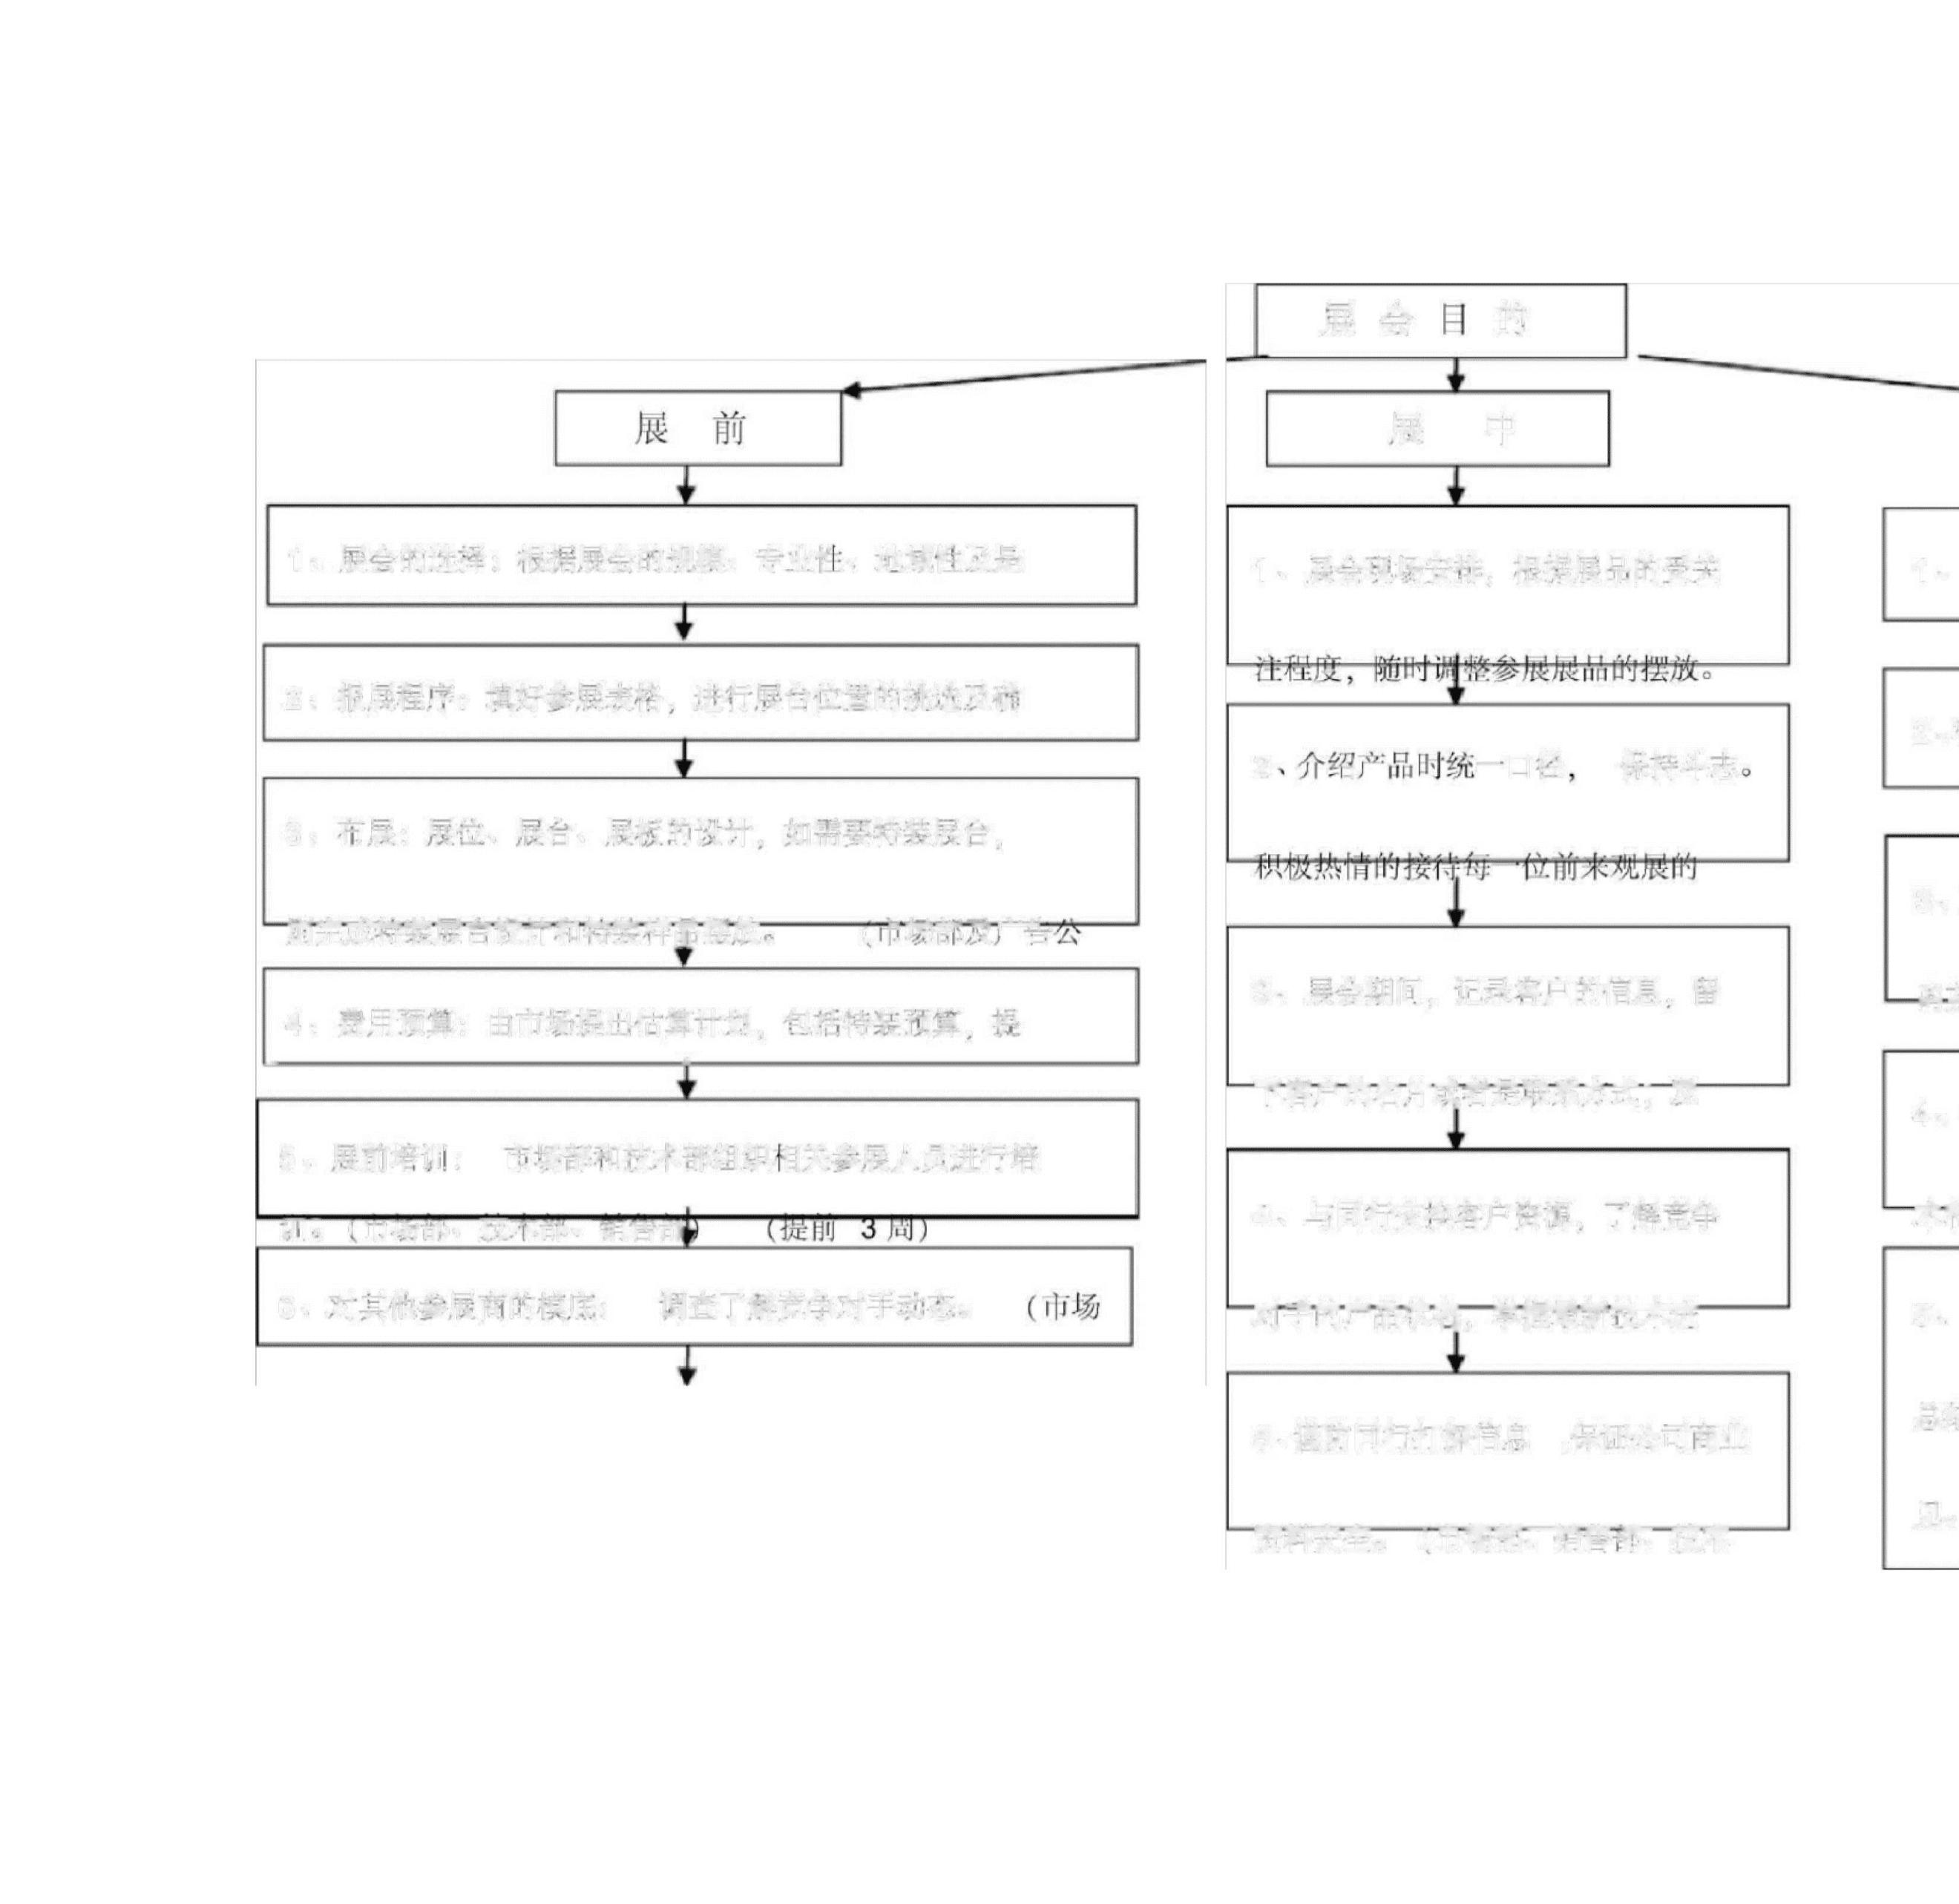 最新展会流程图(通用).docx